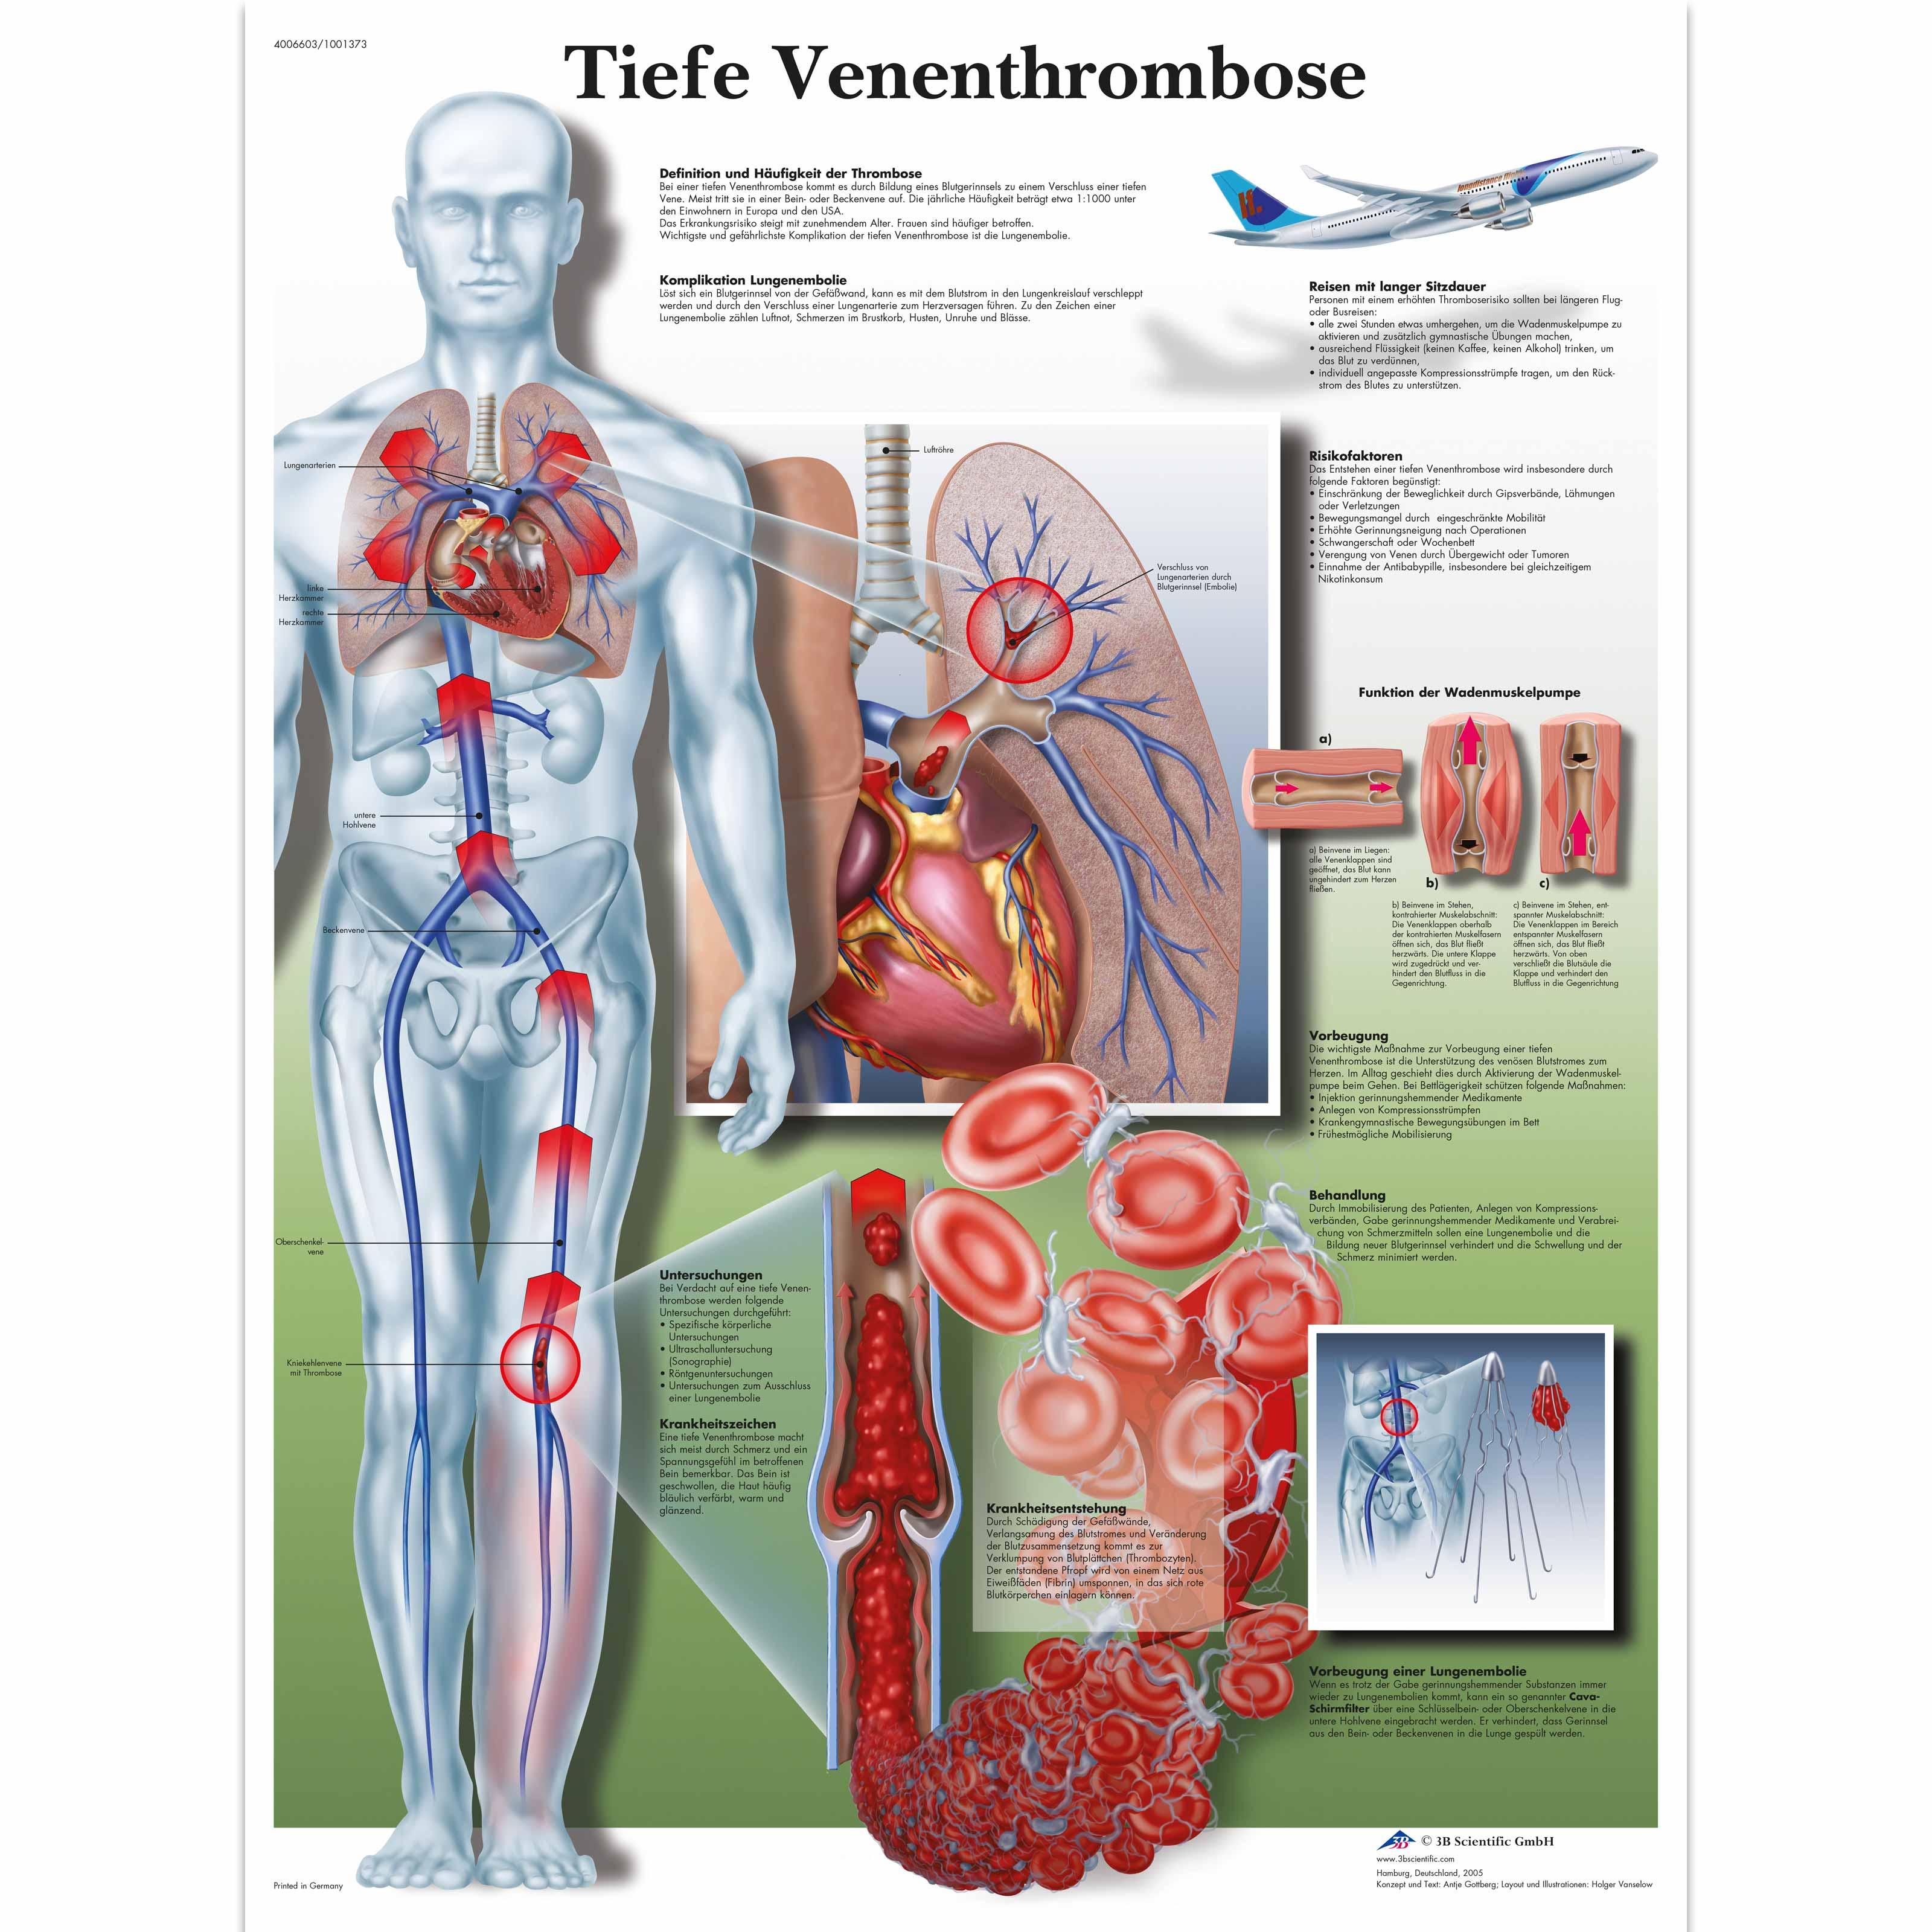 Lehrtafel - Tiefe Venenthrombose - 4006603 - VR0368UU - Herz ...